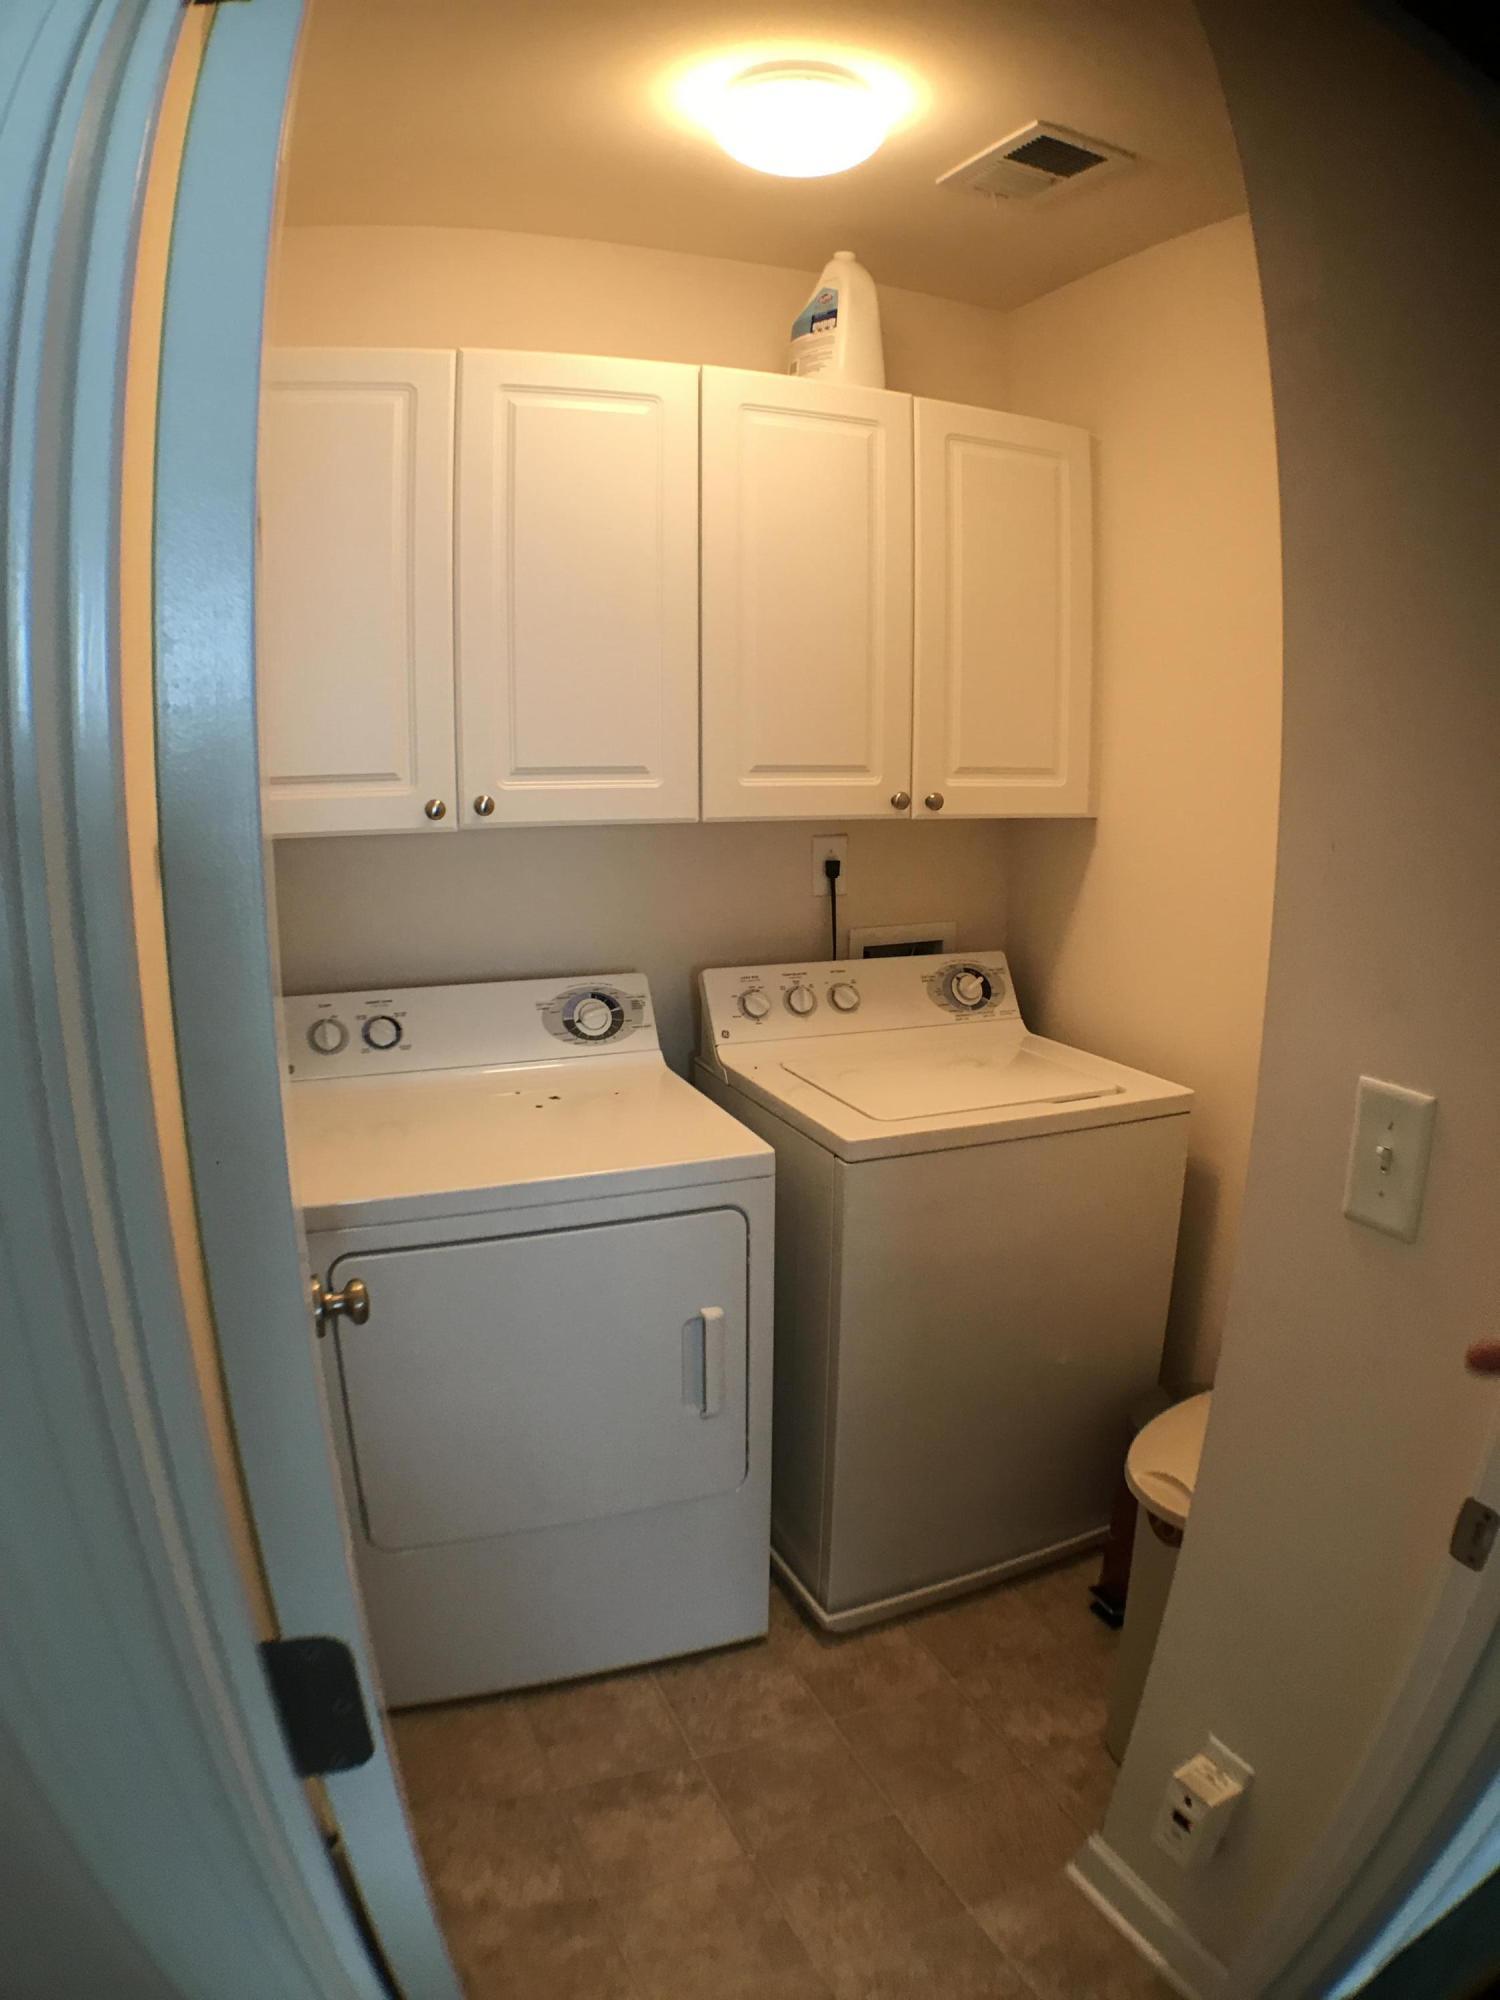 Park West Homes For Sale - 3521 Claremont, Mount Pleasant, SC - 2